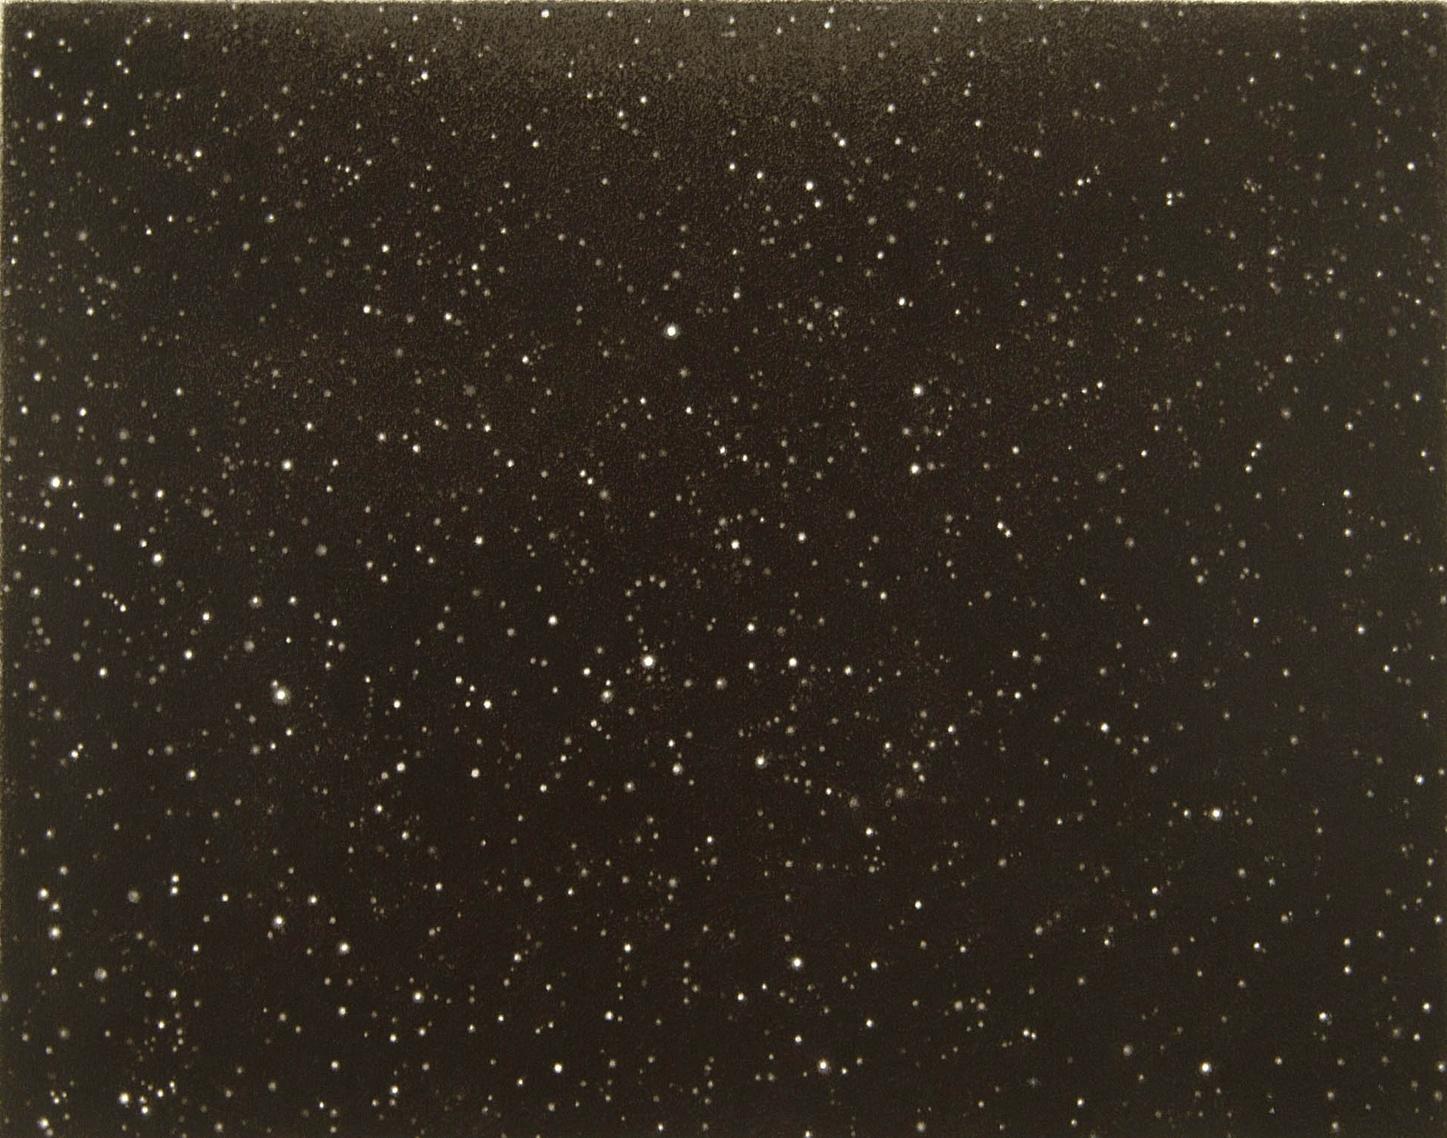 Night Sky, 2005